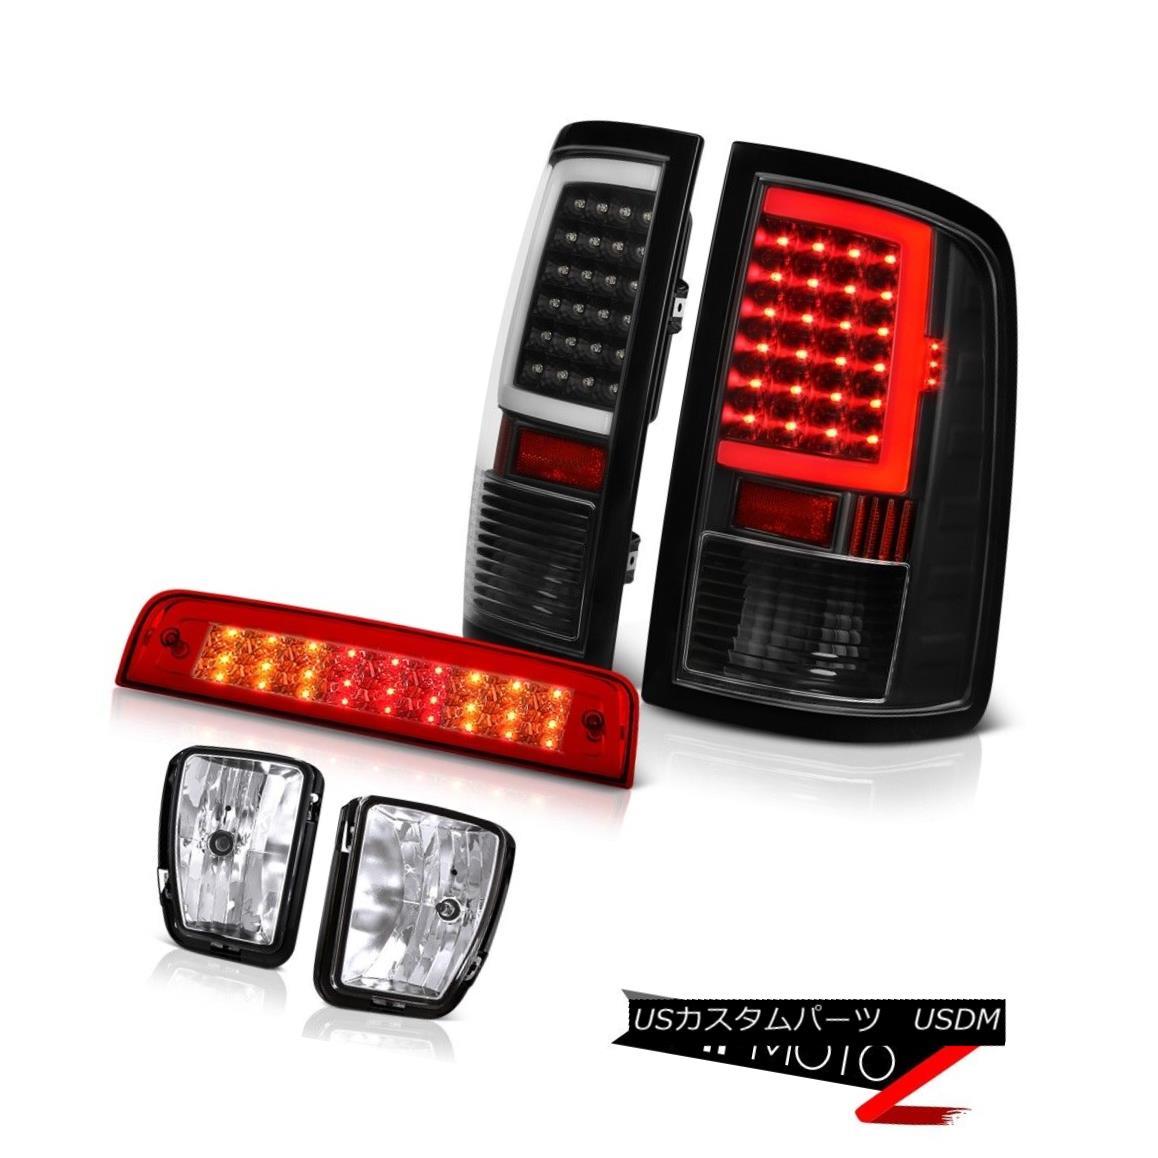 テールライト 13-18 Dodge RAM 1500 Raven Black Tail Lamps Wine Red Brake Lights Fog Assembly 13-18 Dodge RAM 1500 Raven BlackテールランプワインレッドブレーキライトFog Assembly